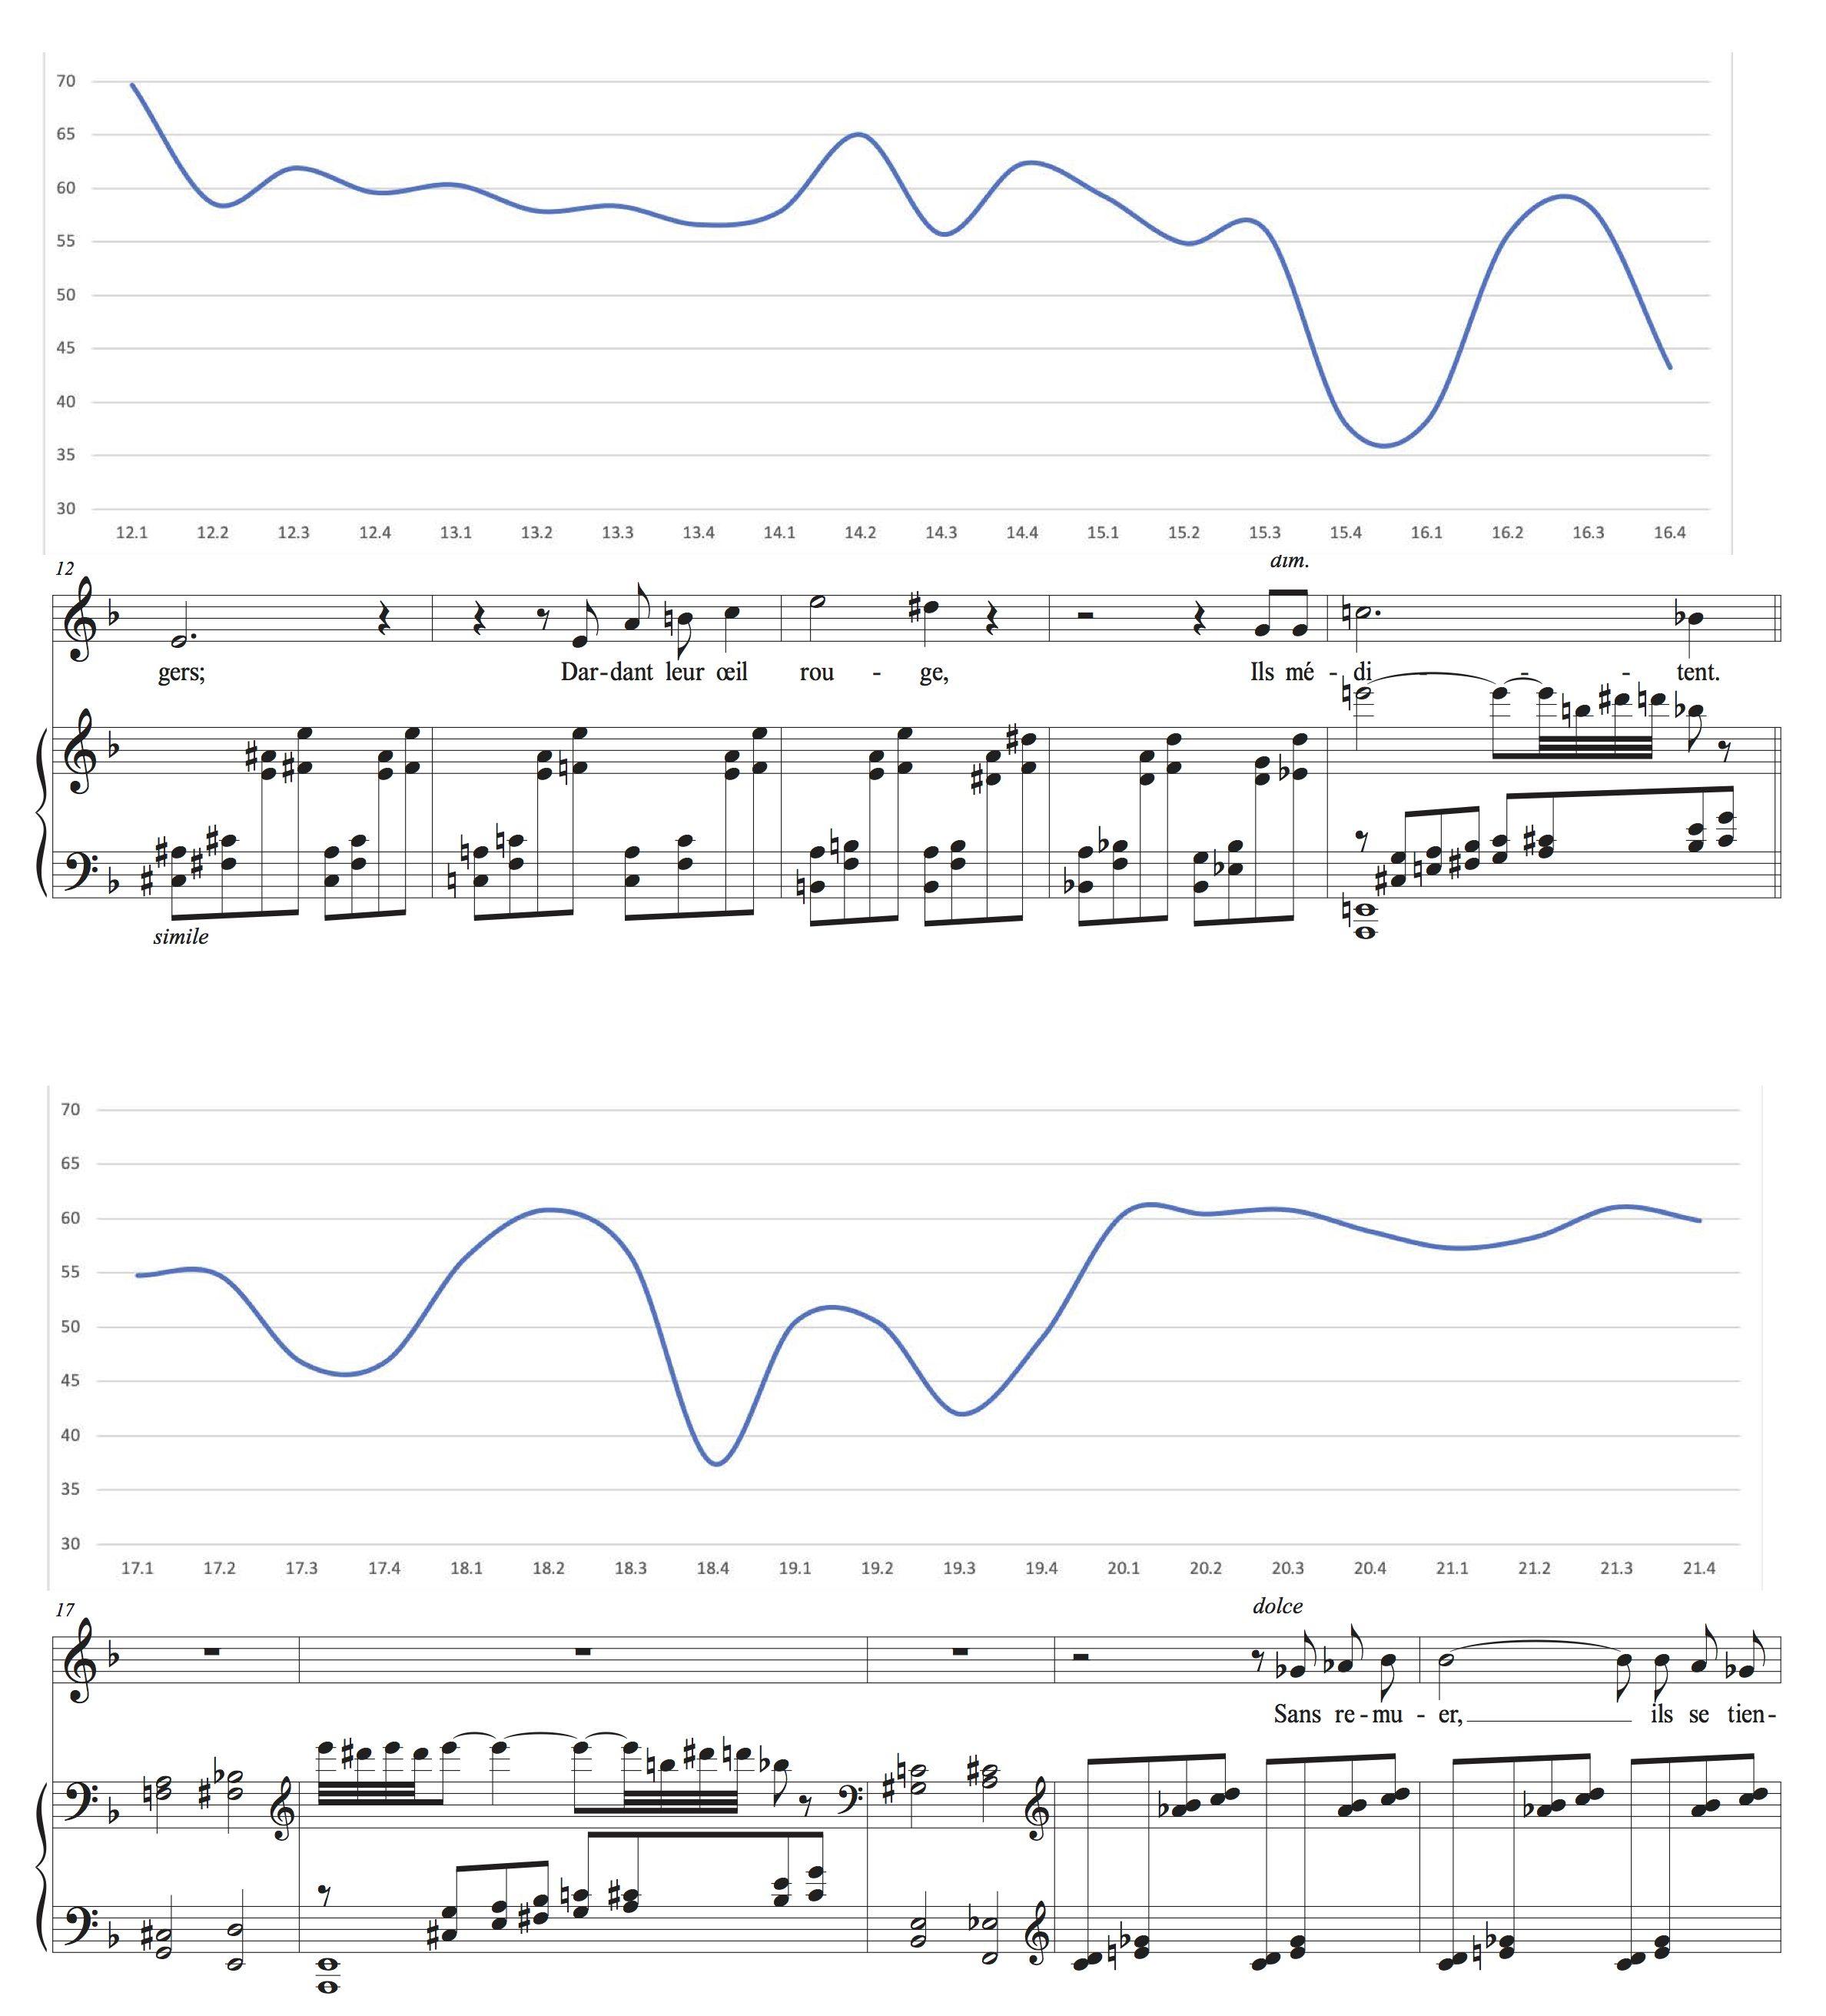 Annexe: Les courbes de tempo mises en relation avec la partition, p. 2.